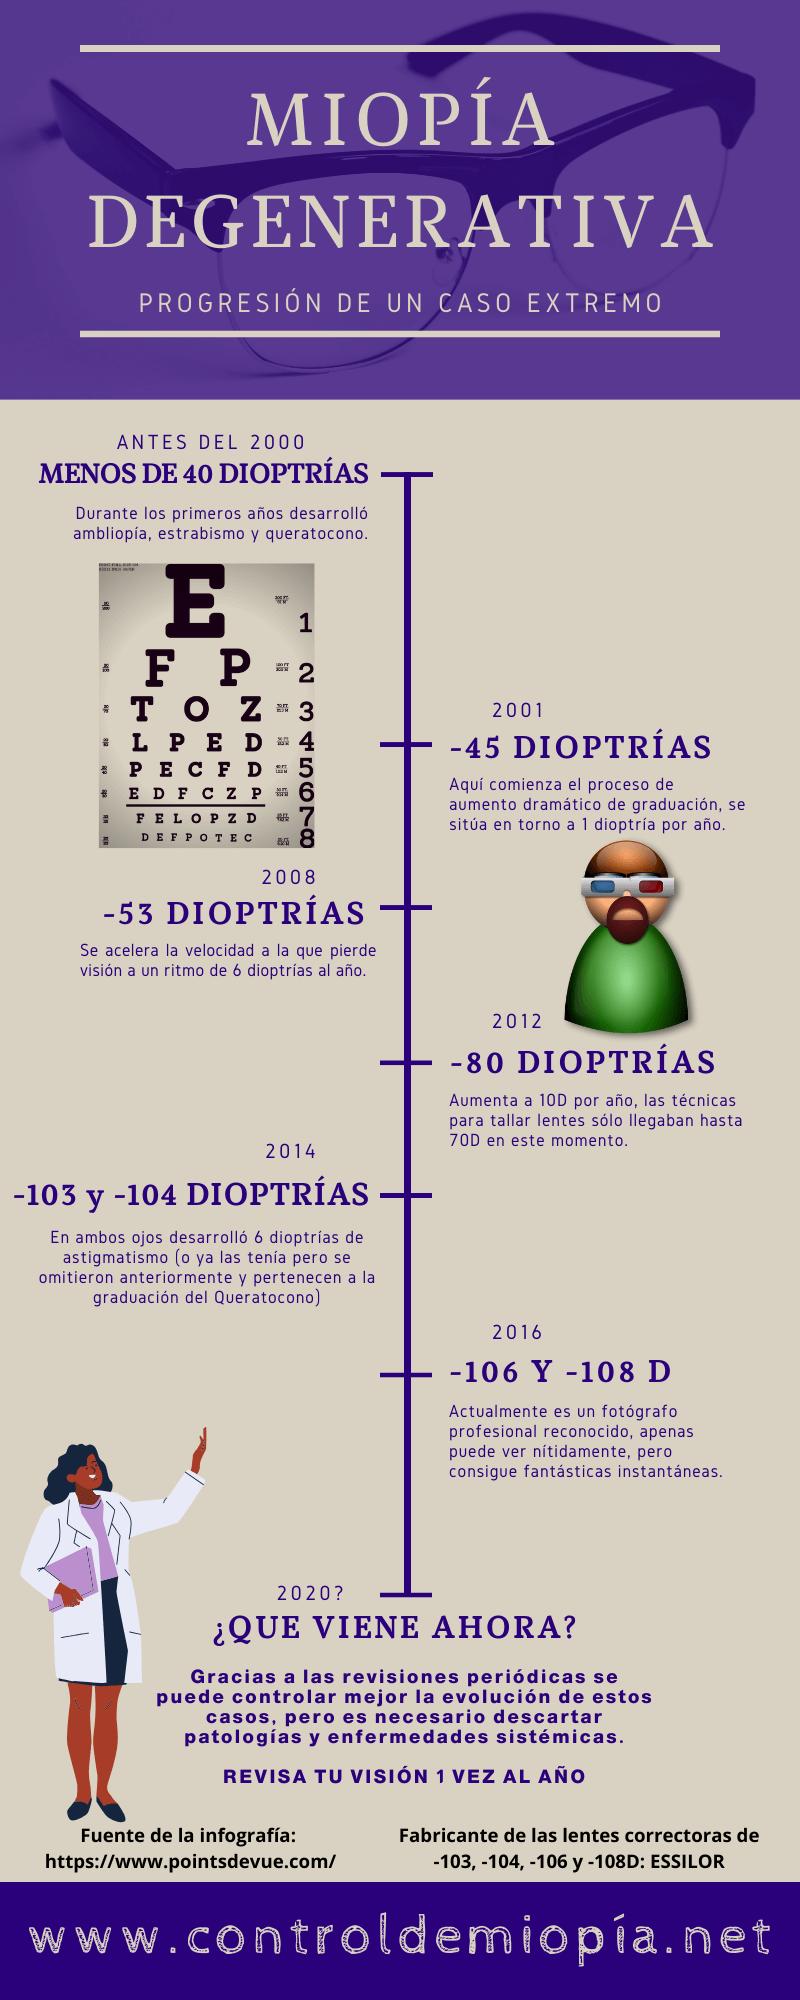 miopia degenerativa tratamiento con gafas en 2020 record de miopia